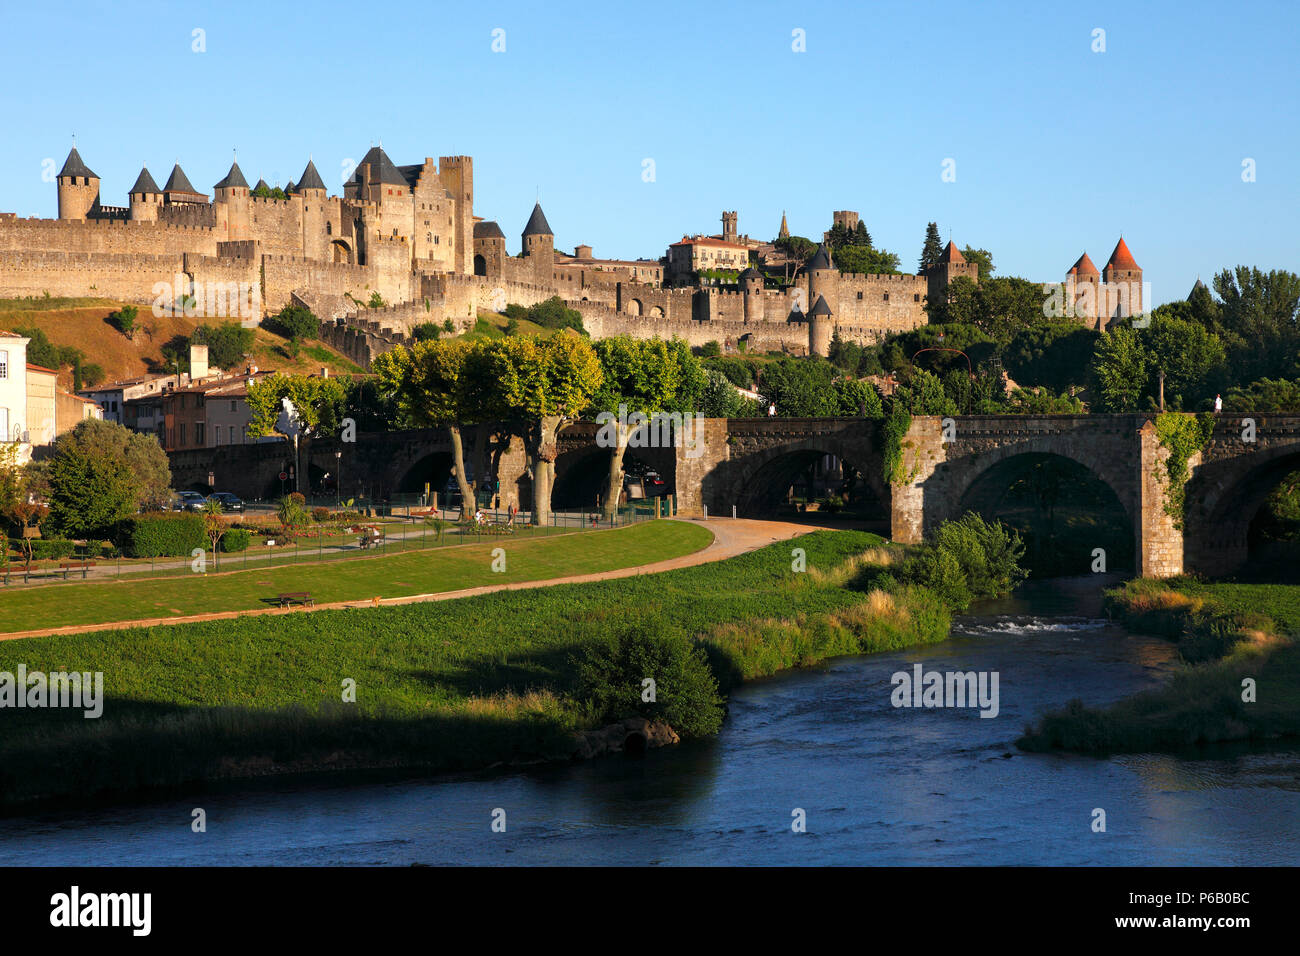 Aude (river) | Wiki | Everipedia